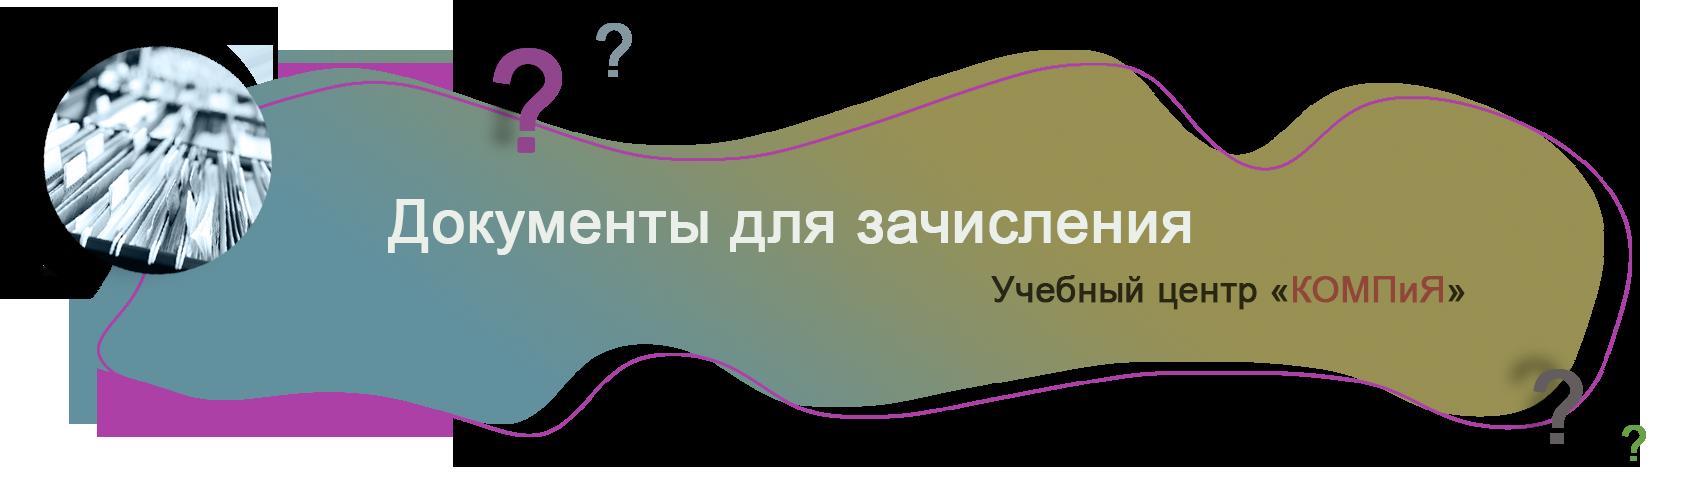 nitraa1